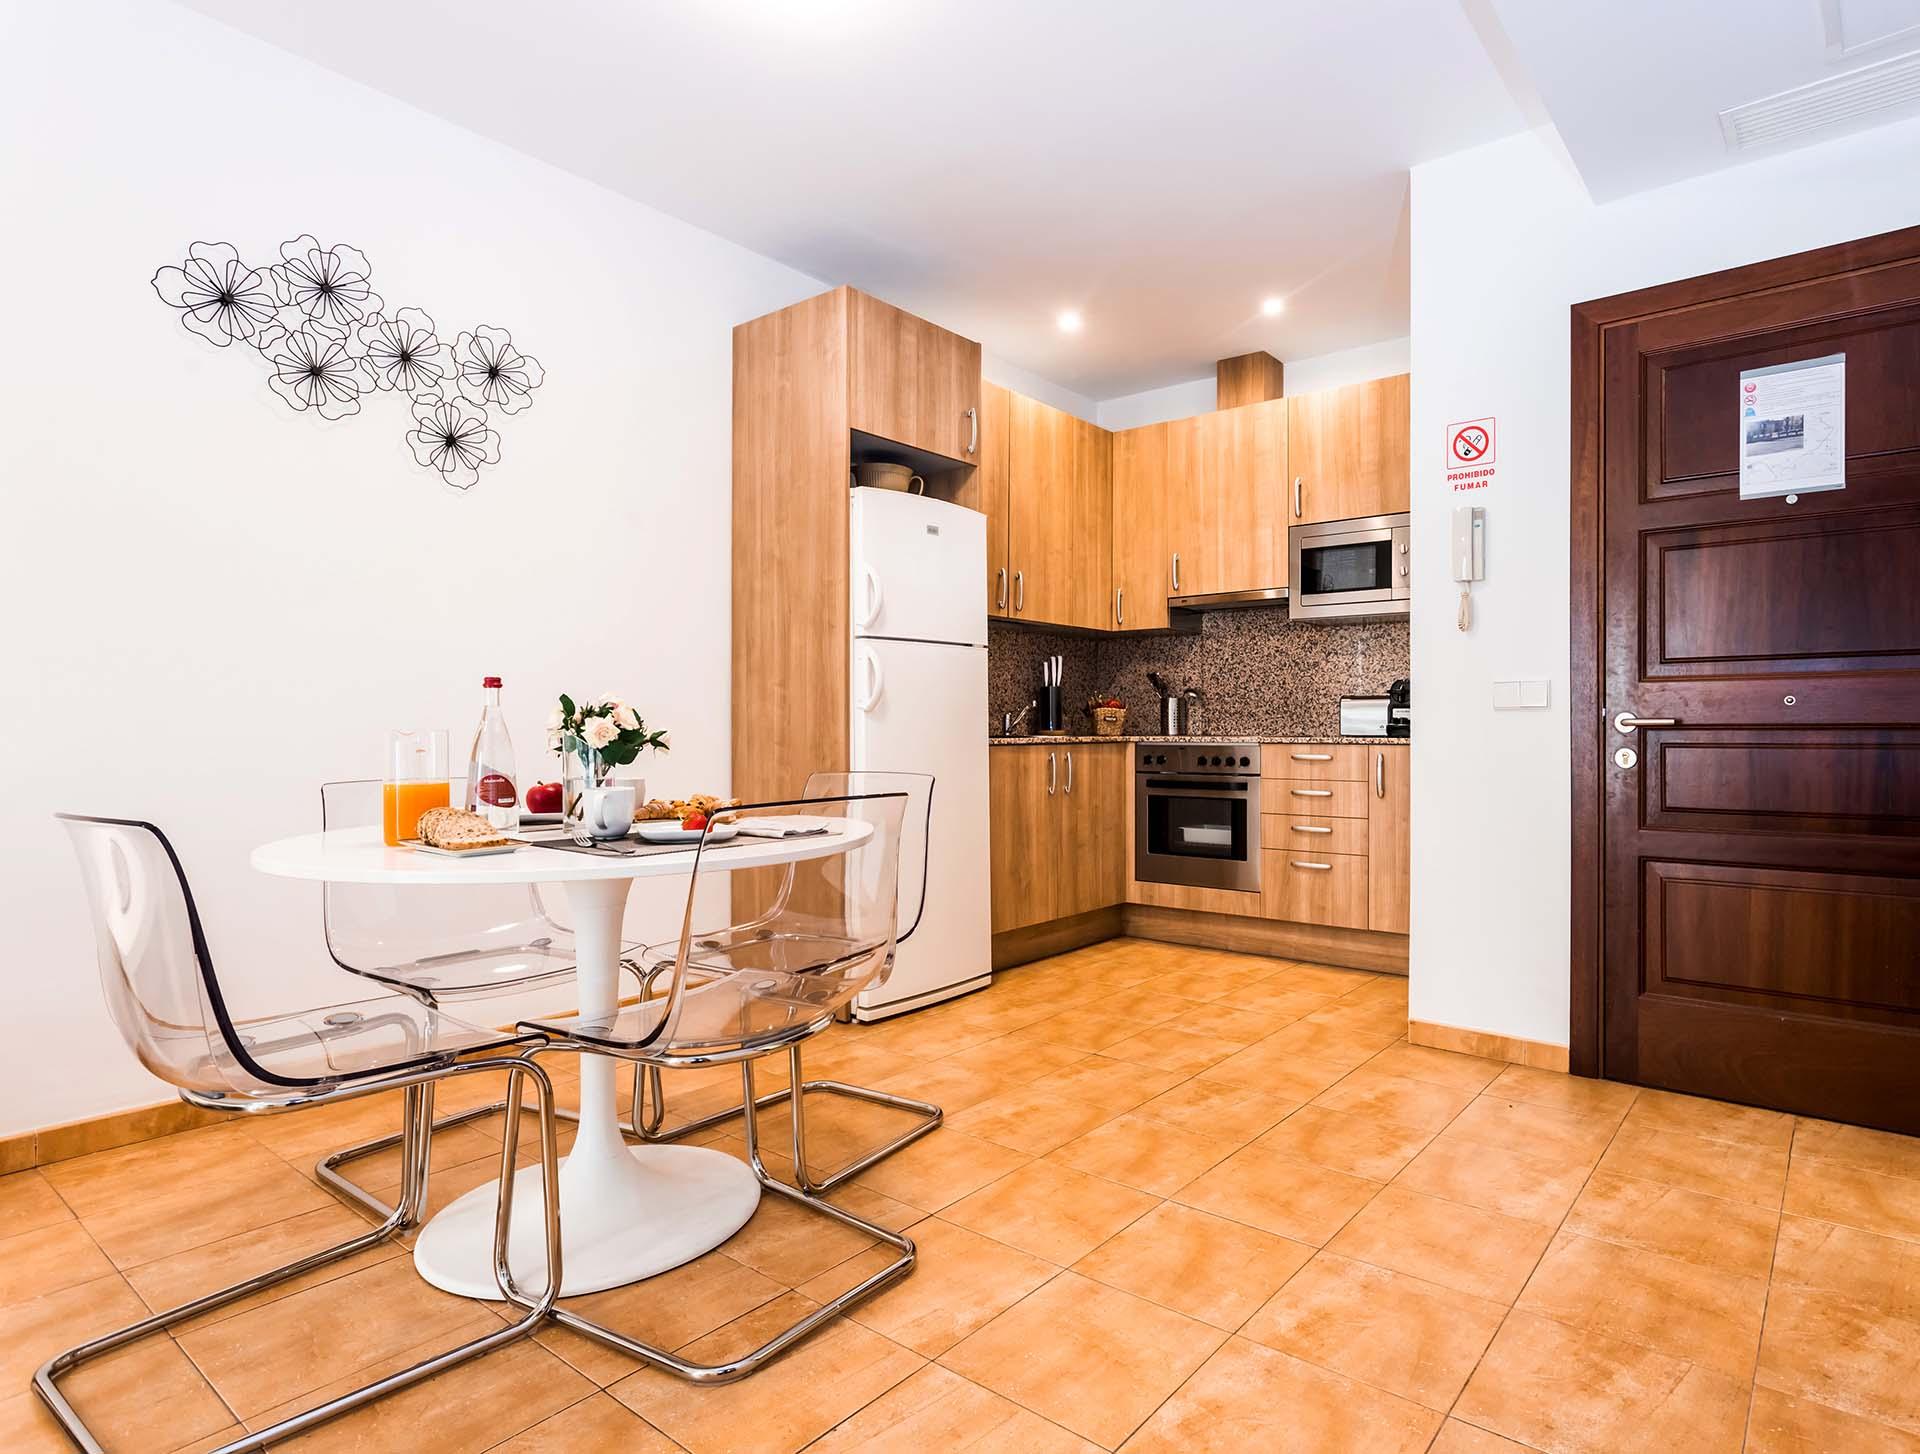 Mallorca-Suites-Apartamento-Superior-Alquiler-Palma-de-Mallorca-Comedor-Cocina